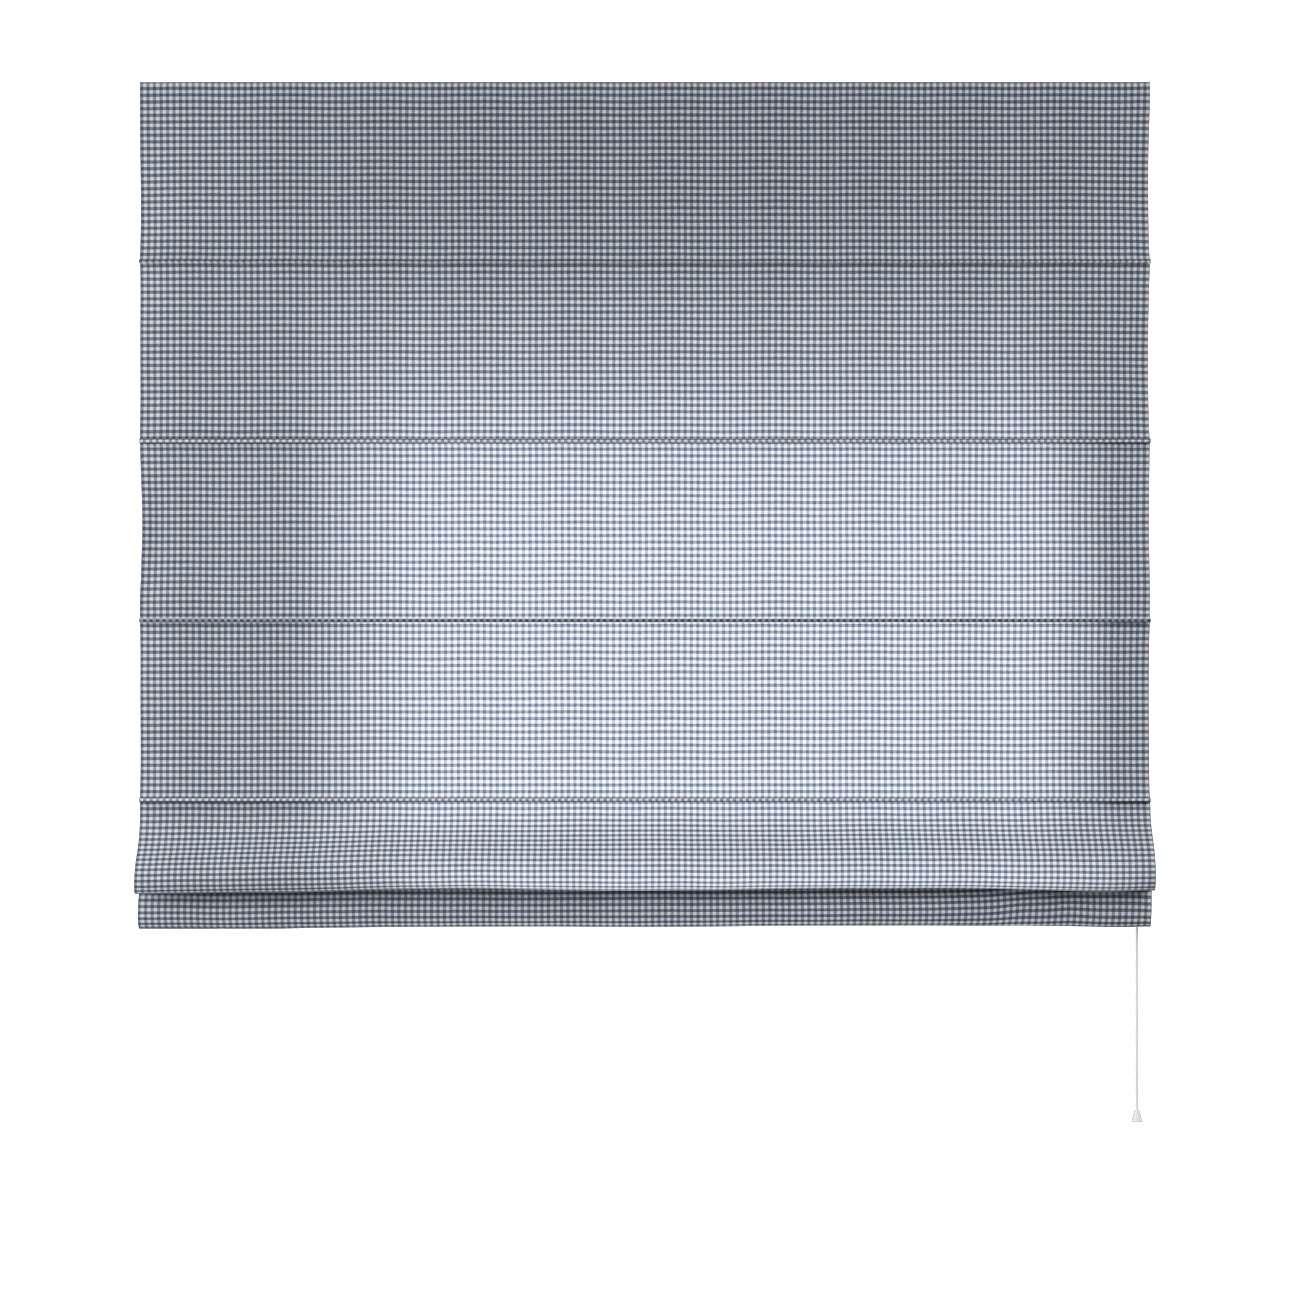 Romanetės Capri 80 x 170 cm (plotis x ilgis) kolekcijoje Quadro, audinys: 136-00